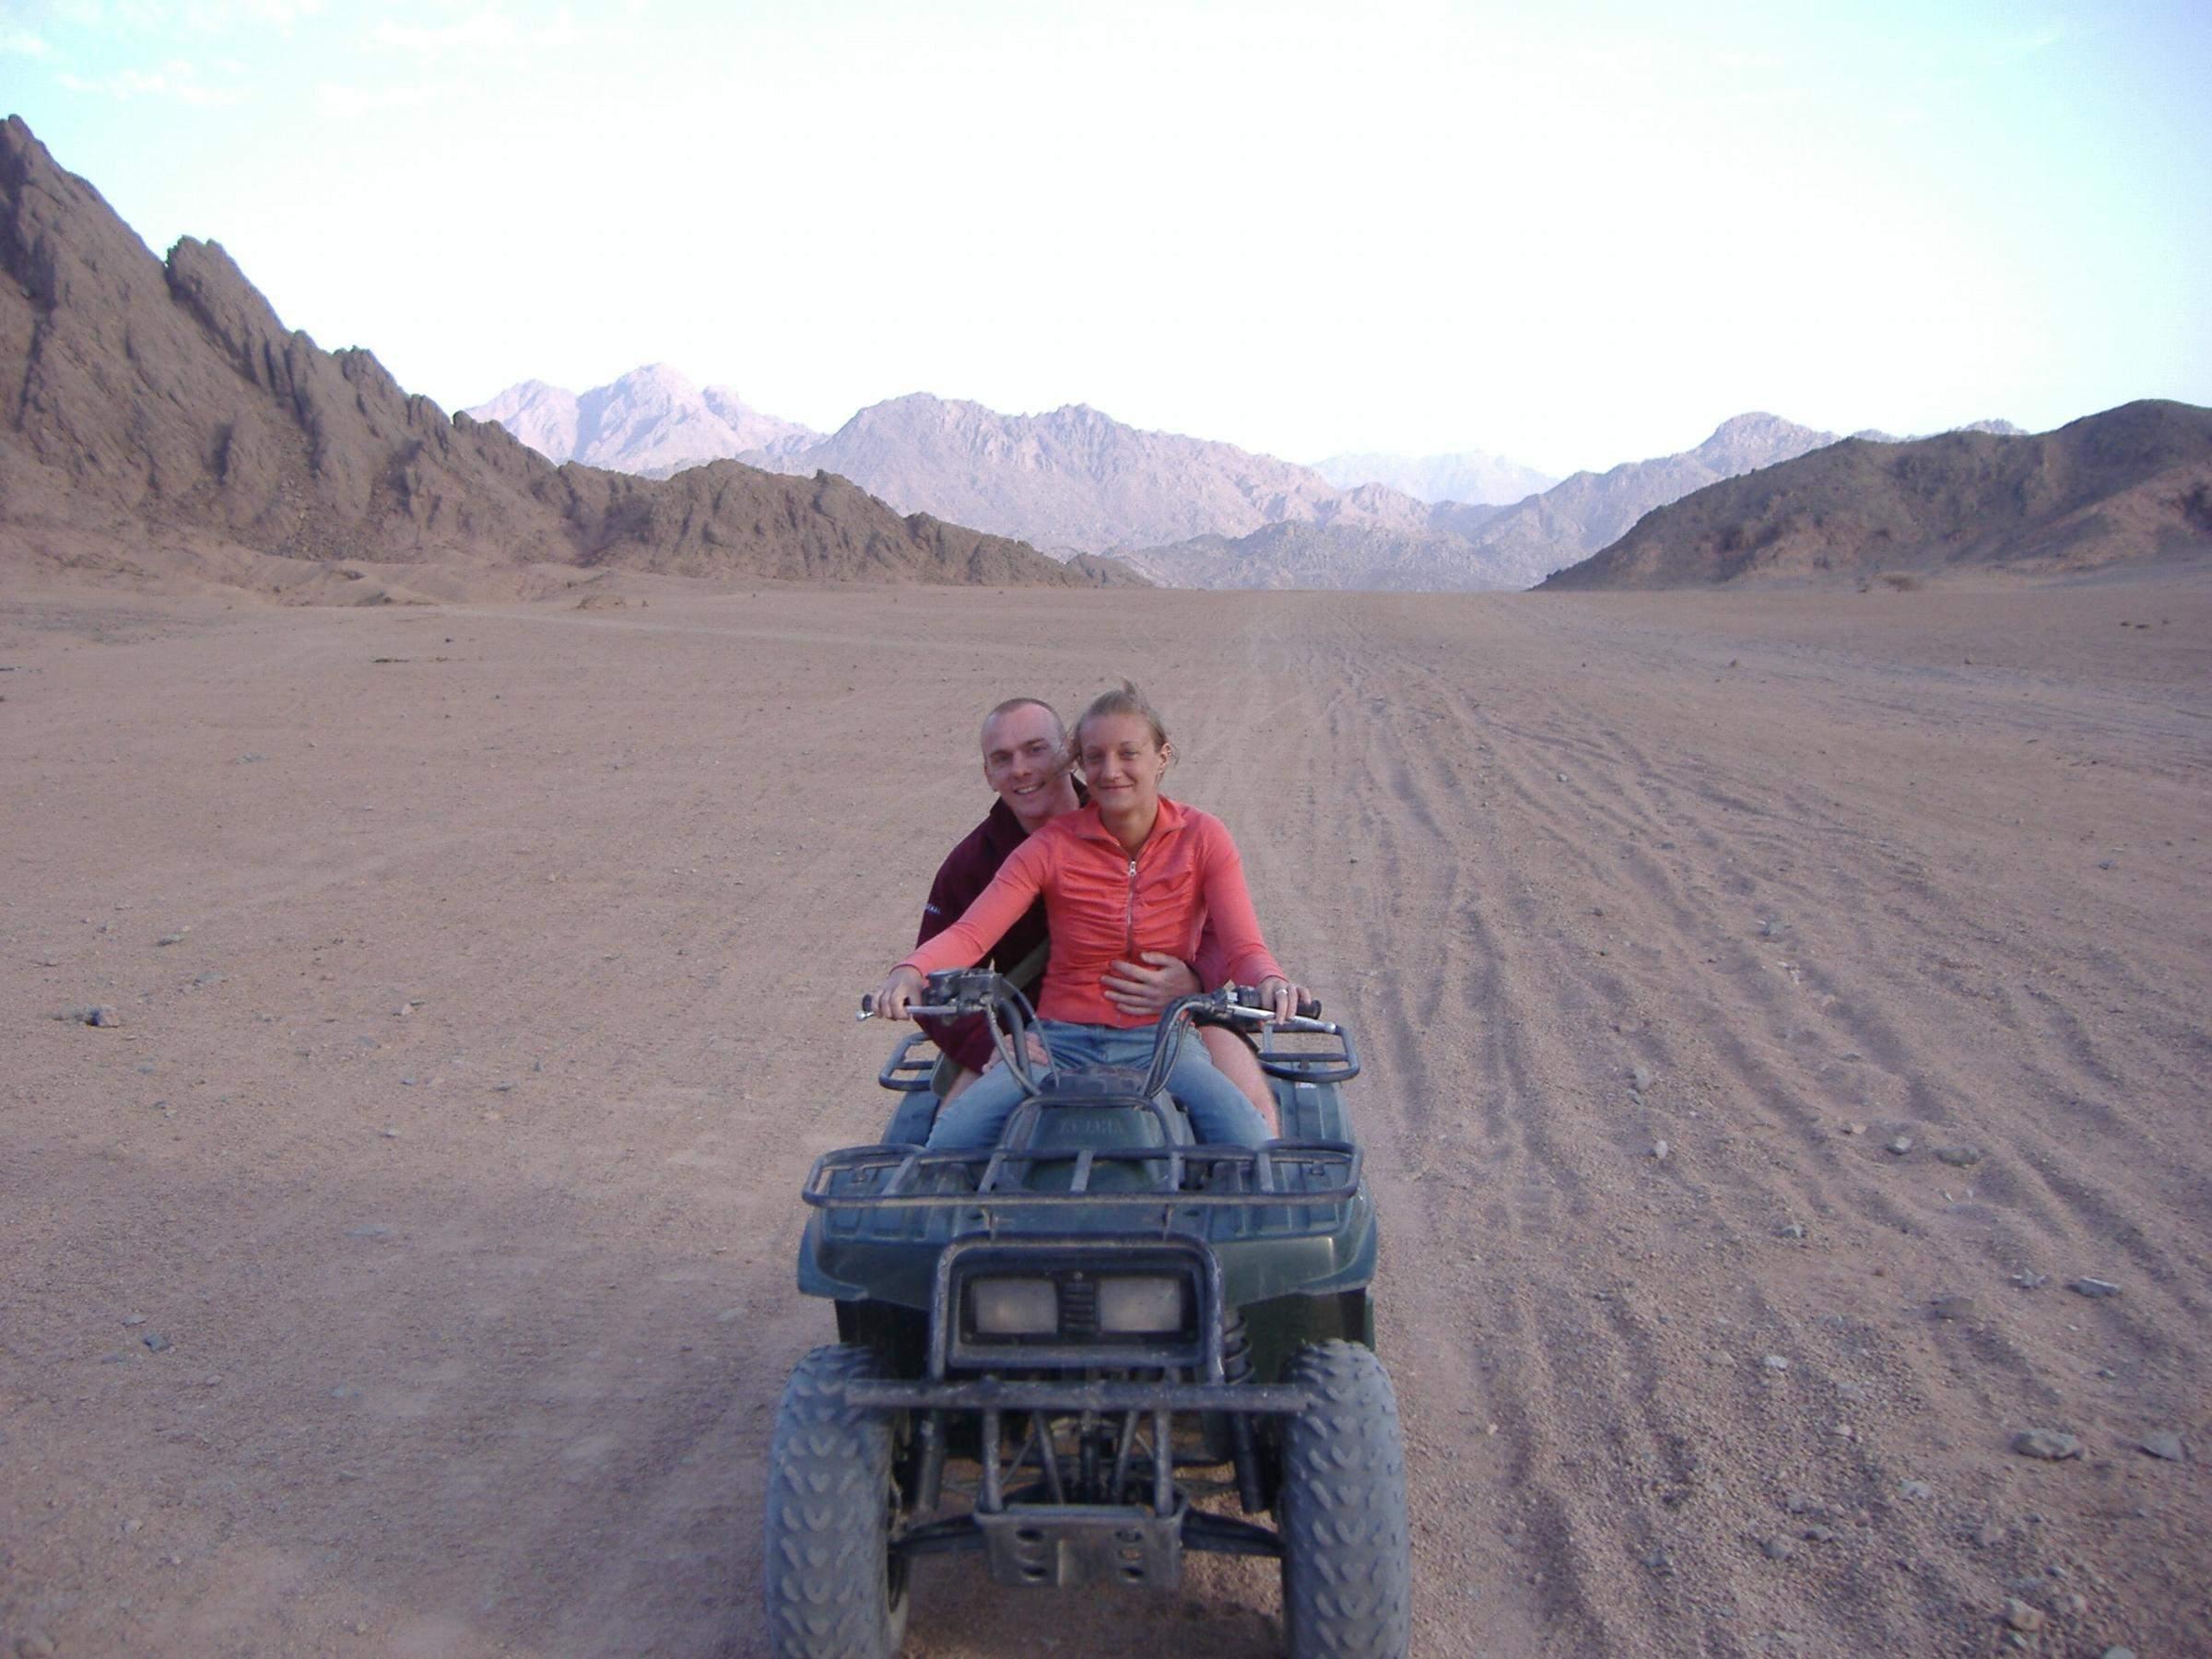 Ausflug mit dem Quad  durch die Wüste von Sharm el Sheikh